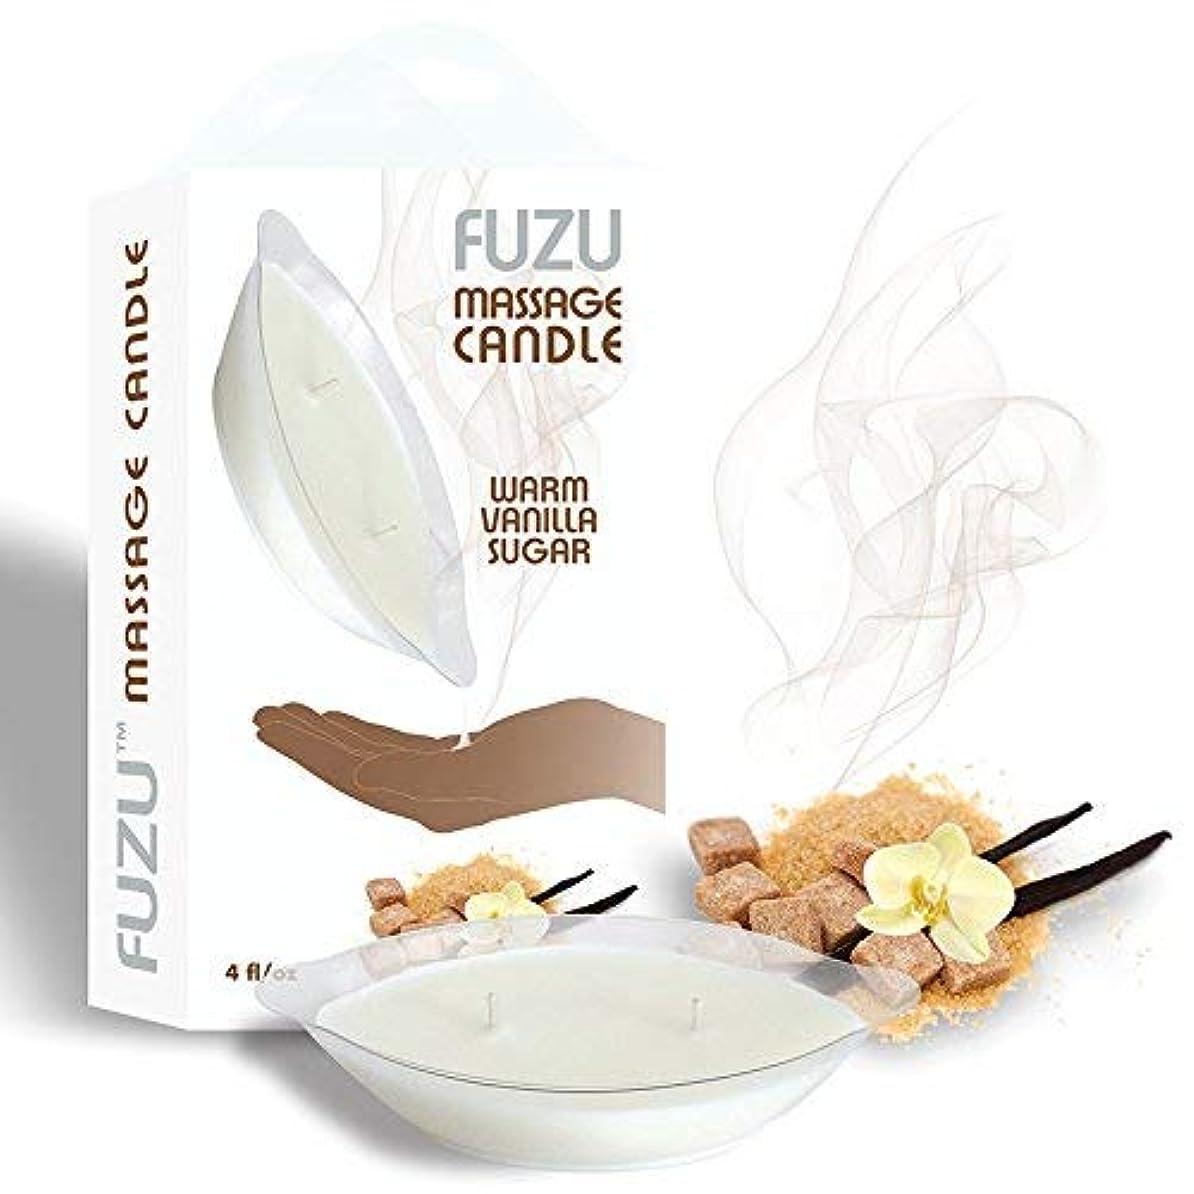 仲間、同僚多数のテメリティFuzu MCDL-Vani Massage Candle Warm 4 Oz Vanilla Sugar [並行輸入品]